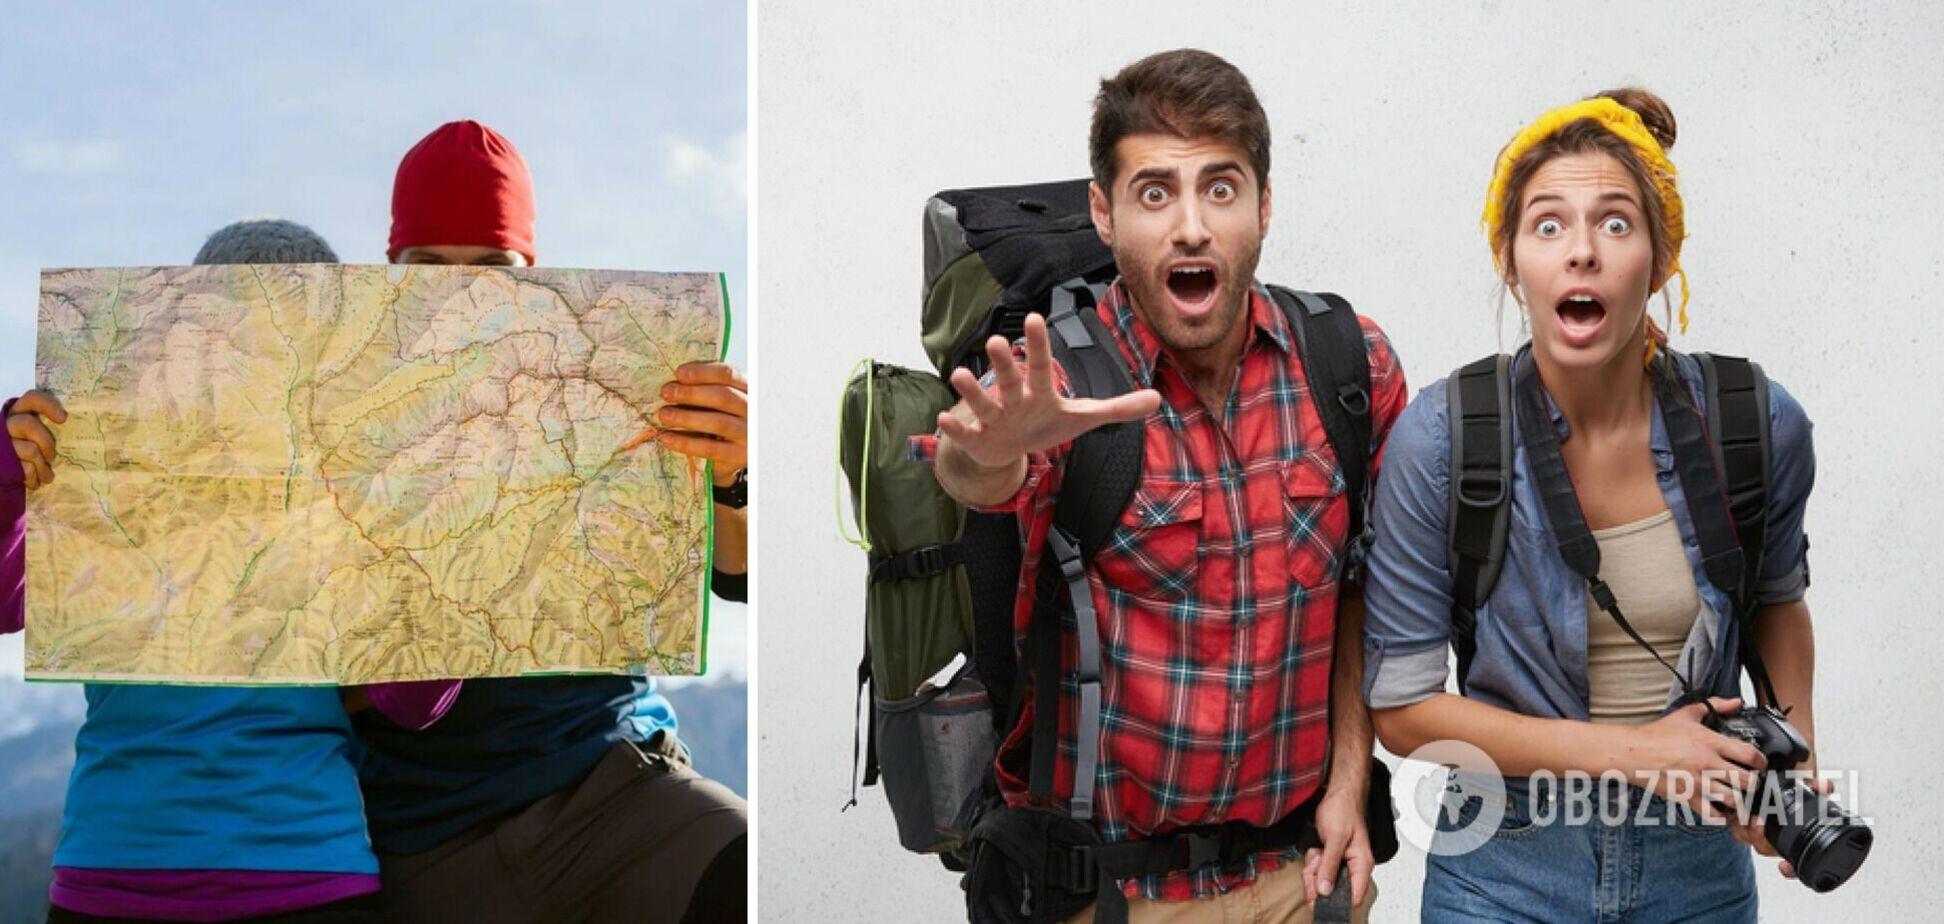 Секретне меню і плата за розмову: розкрито популярні способи обману туристів